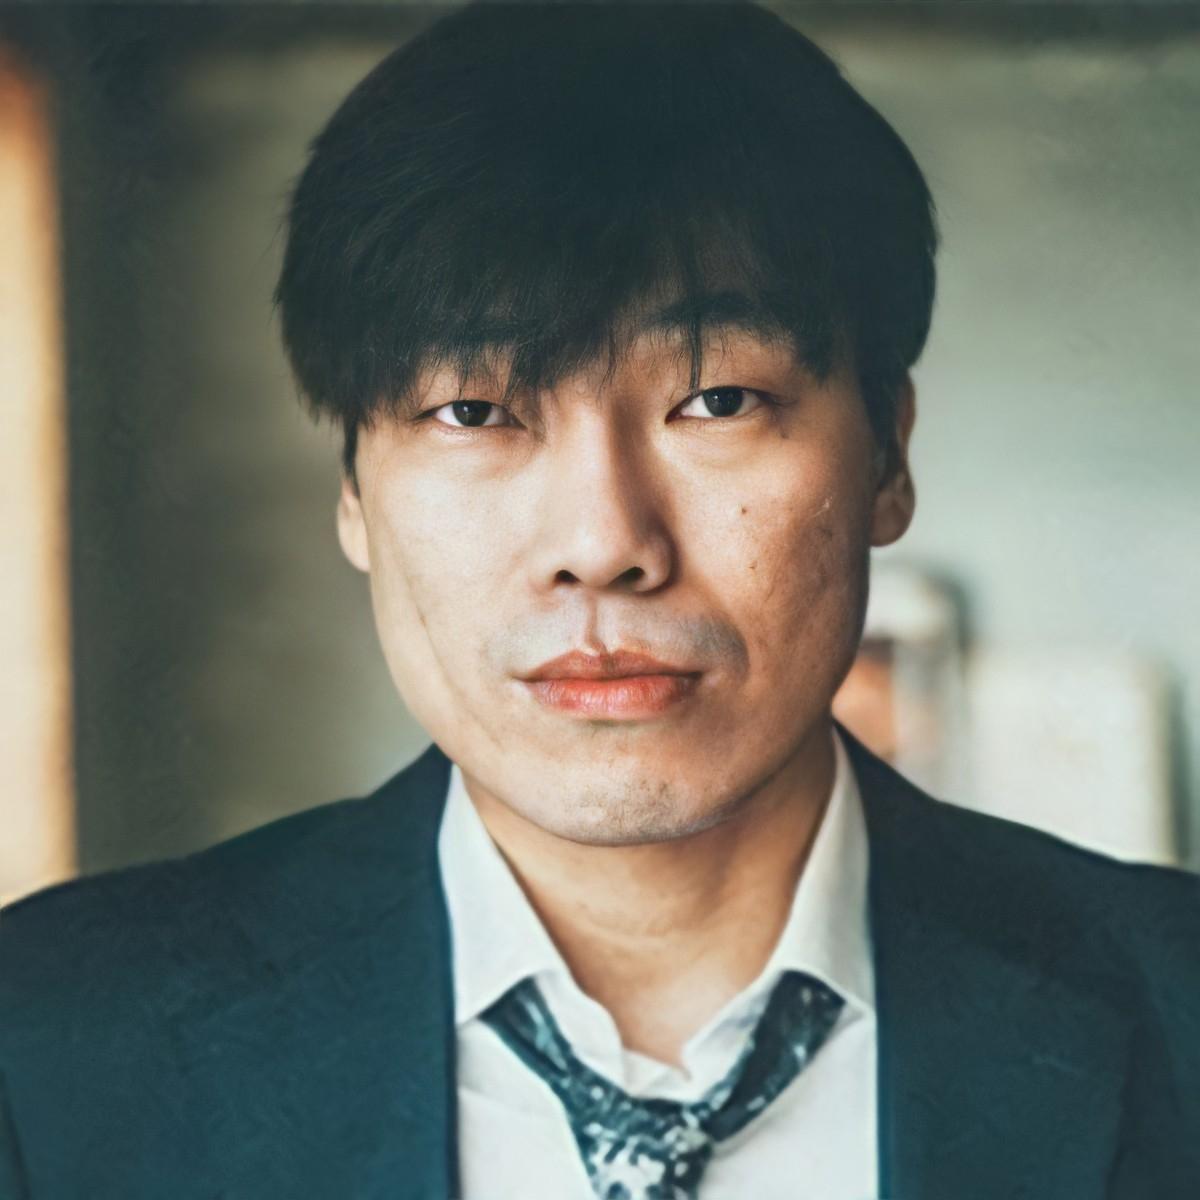 Diễn viên Bae Jin Woong chuyên đảm nhận tuyến vai phụ. Ảnh: MK.